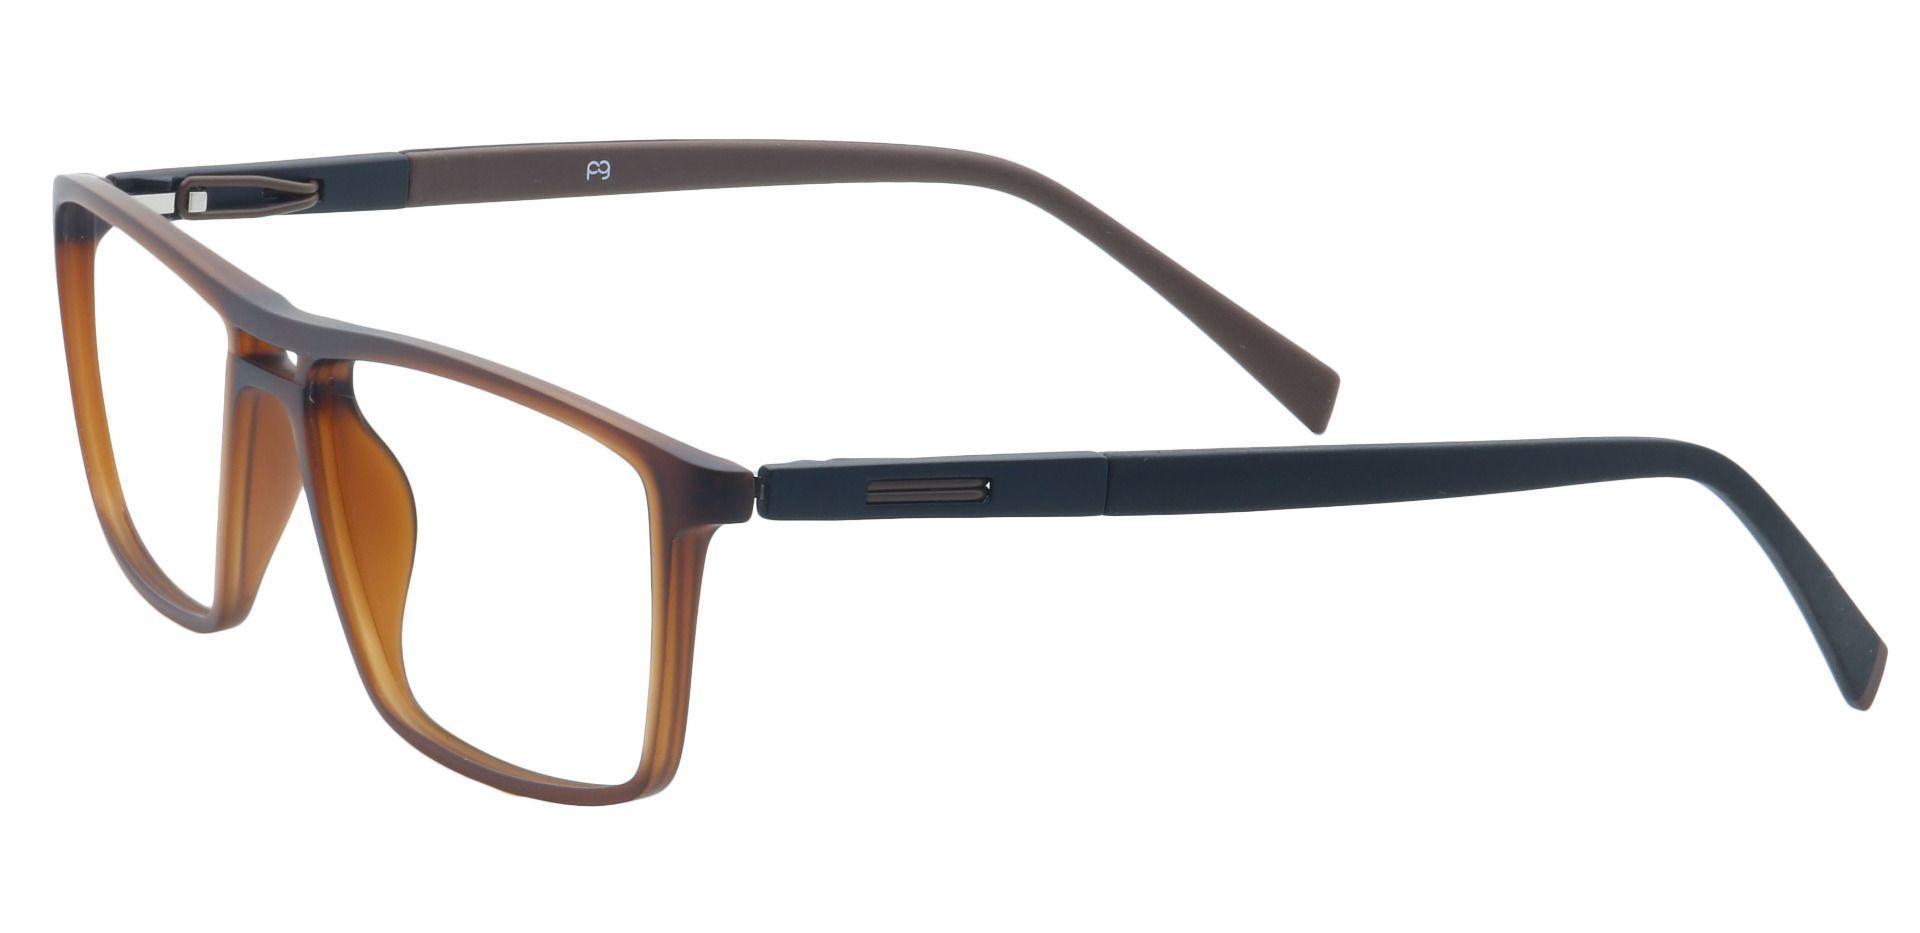 Covone Rectangle Progressive Glasses - Brown